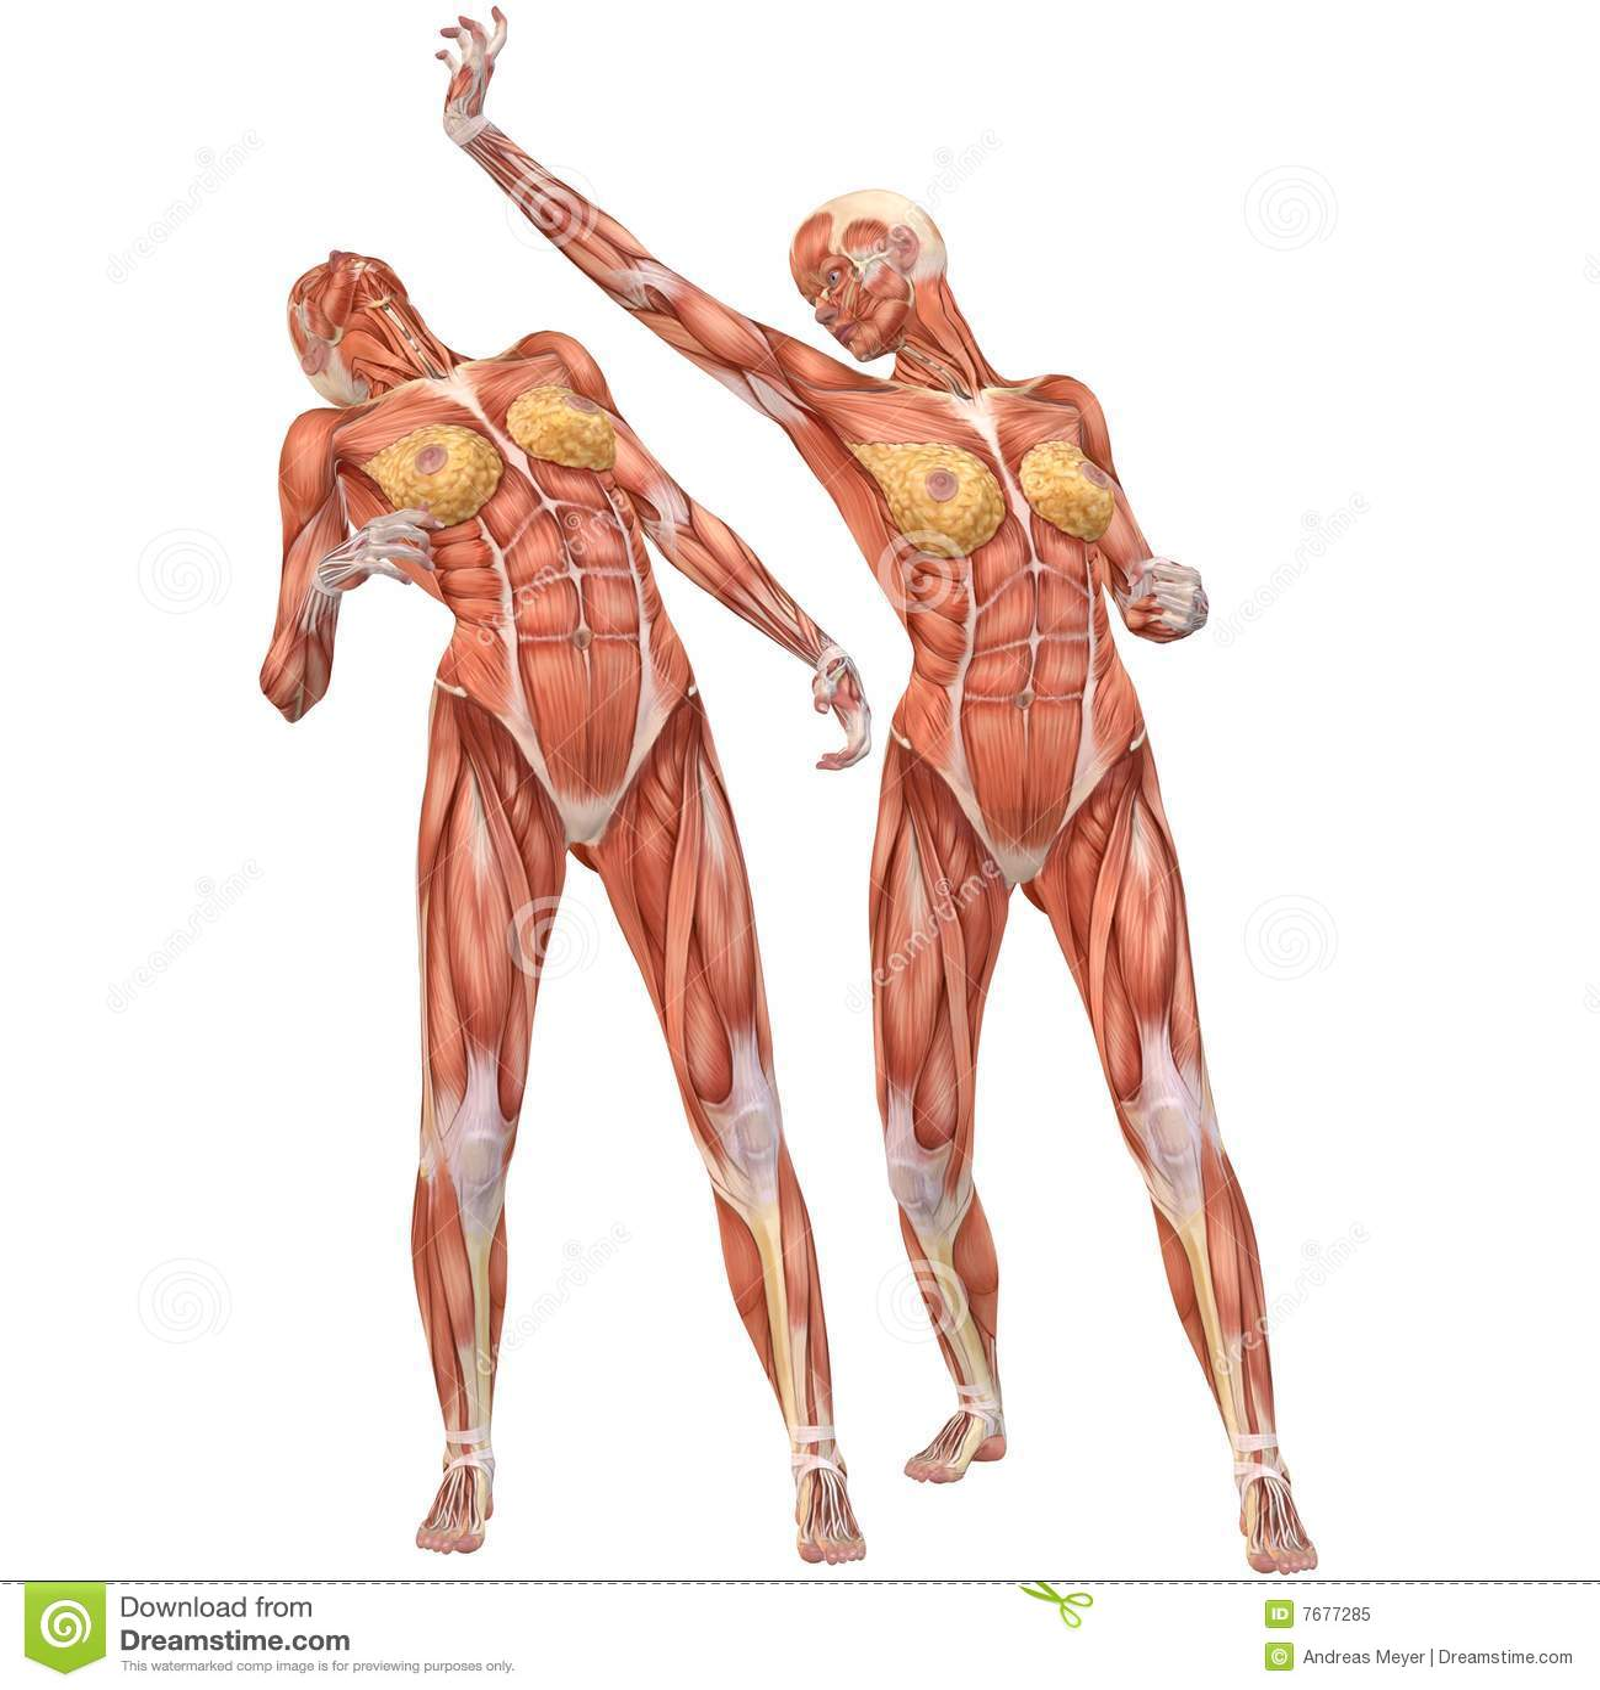 Großzügig Weiblicher Körper Anatomie Zeichnung Bilder - Physiologie ...